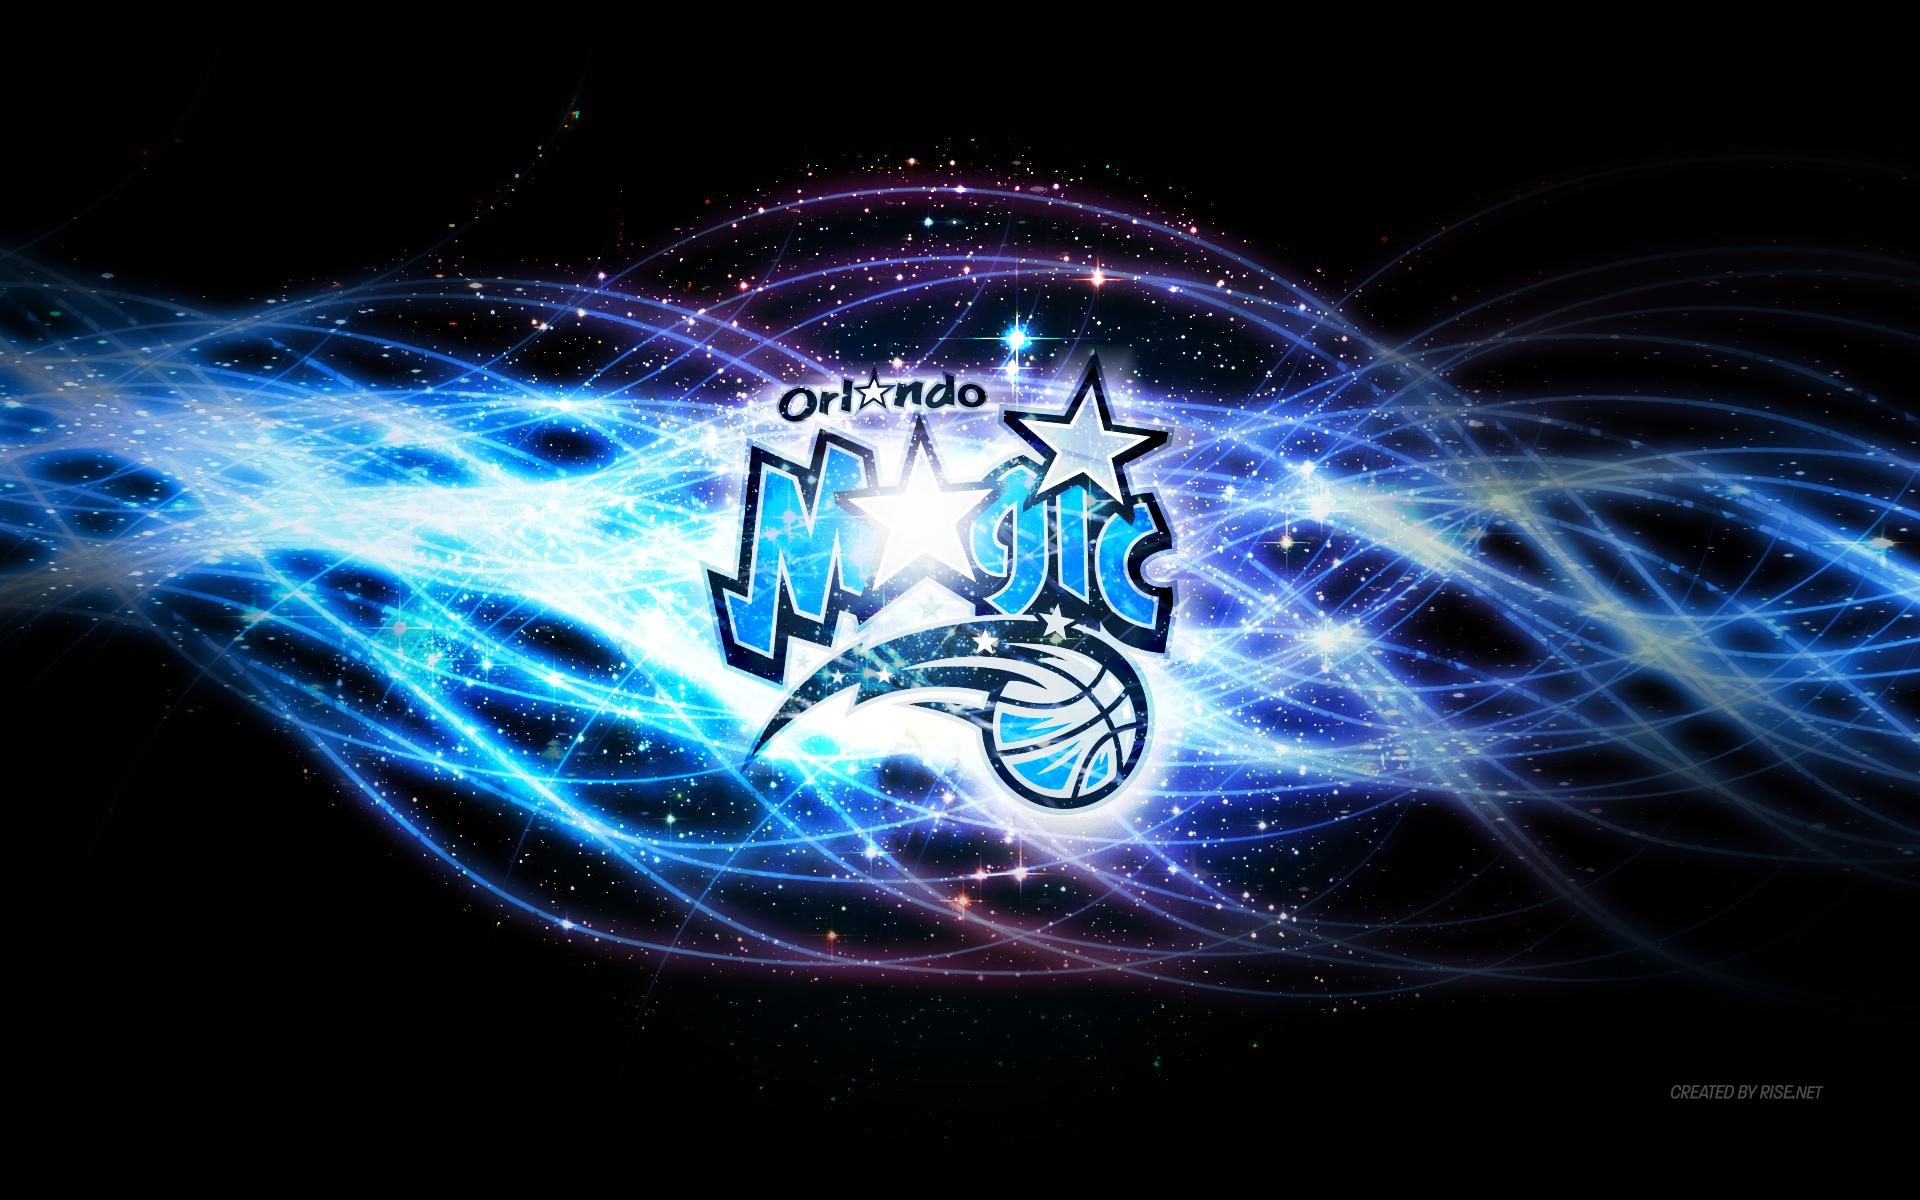 Orlando Magic NBA New HD Wallpaper 1 920—1 200 pixels